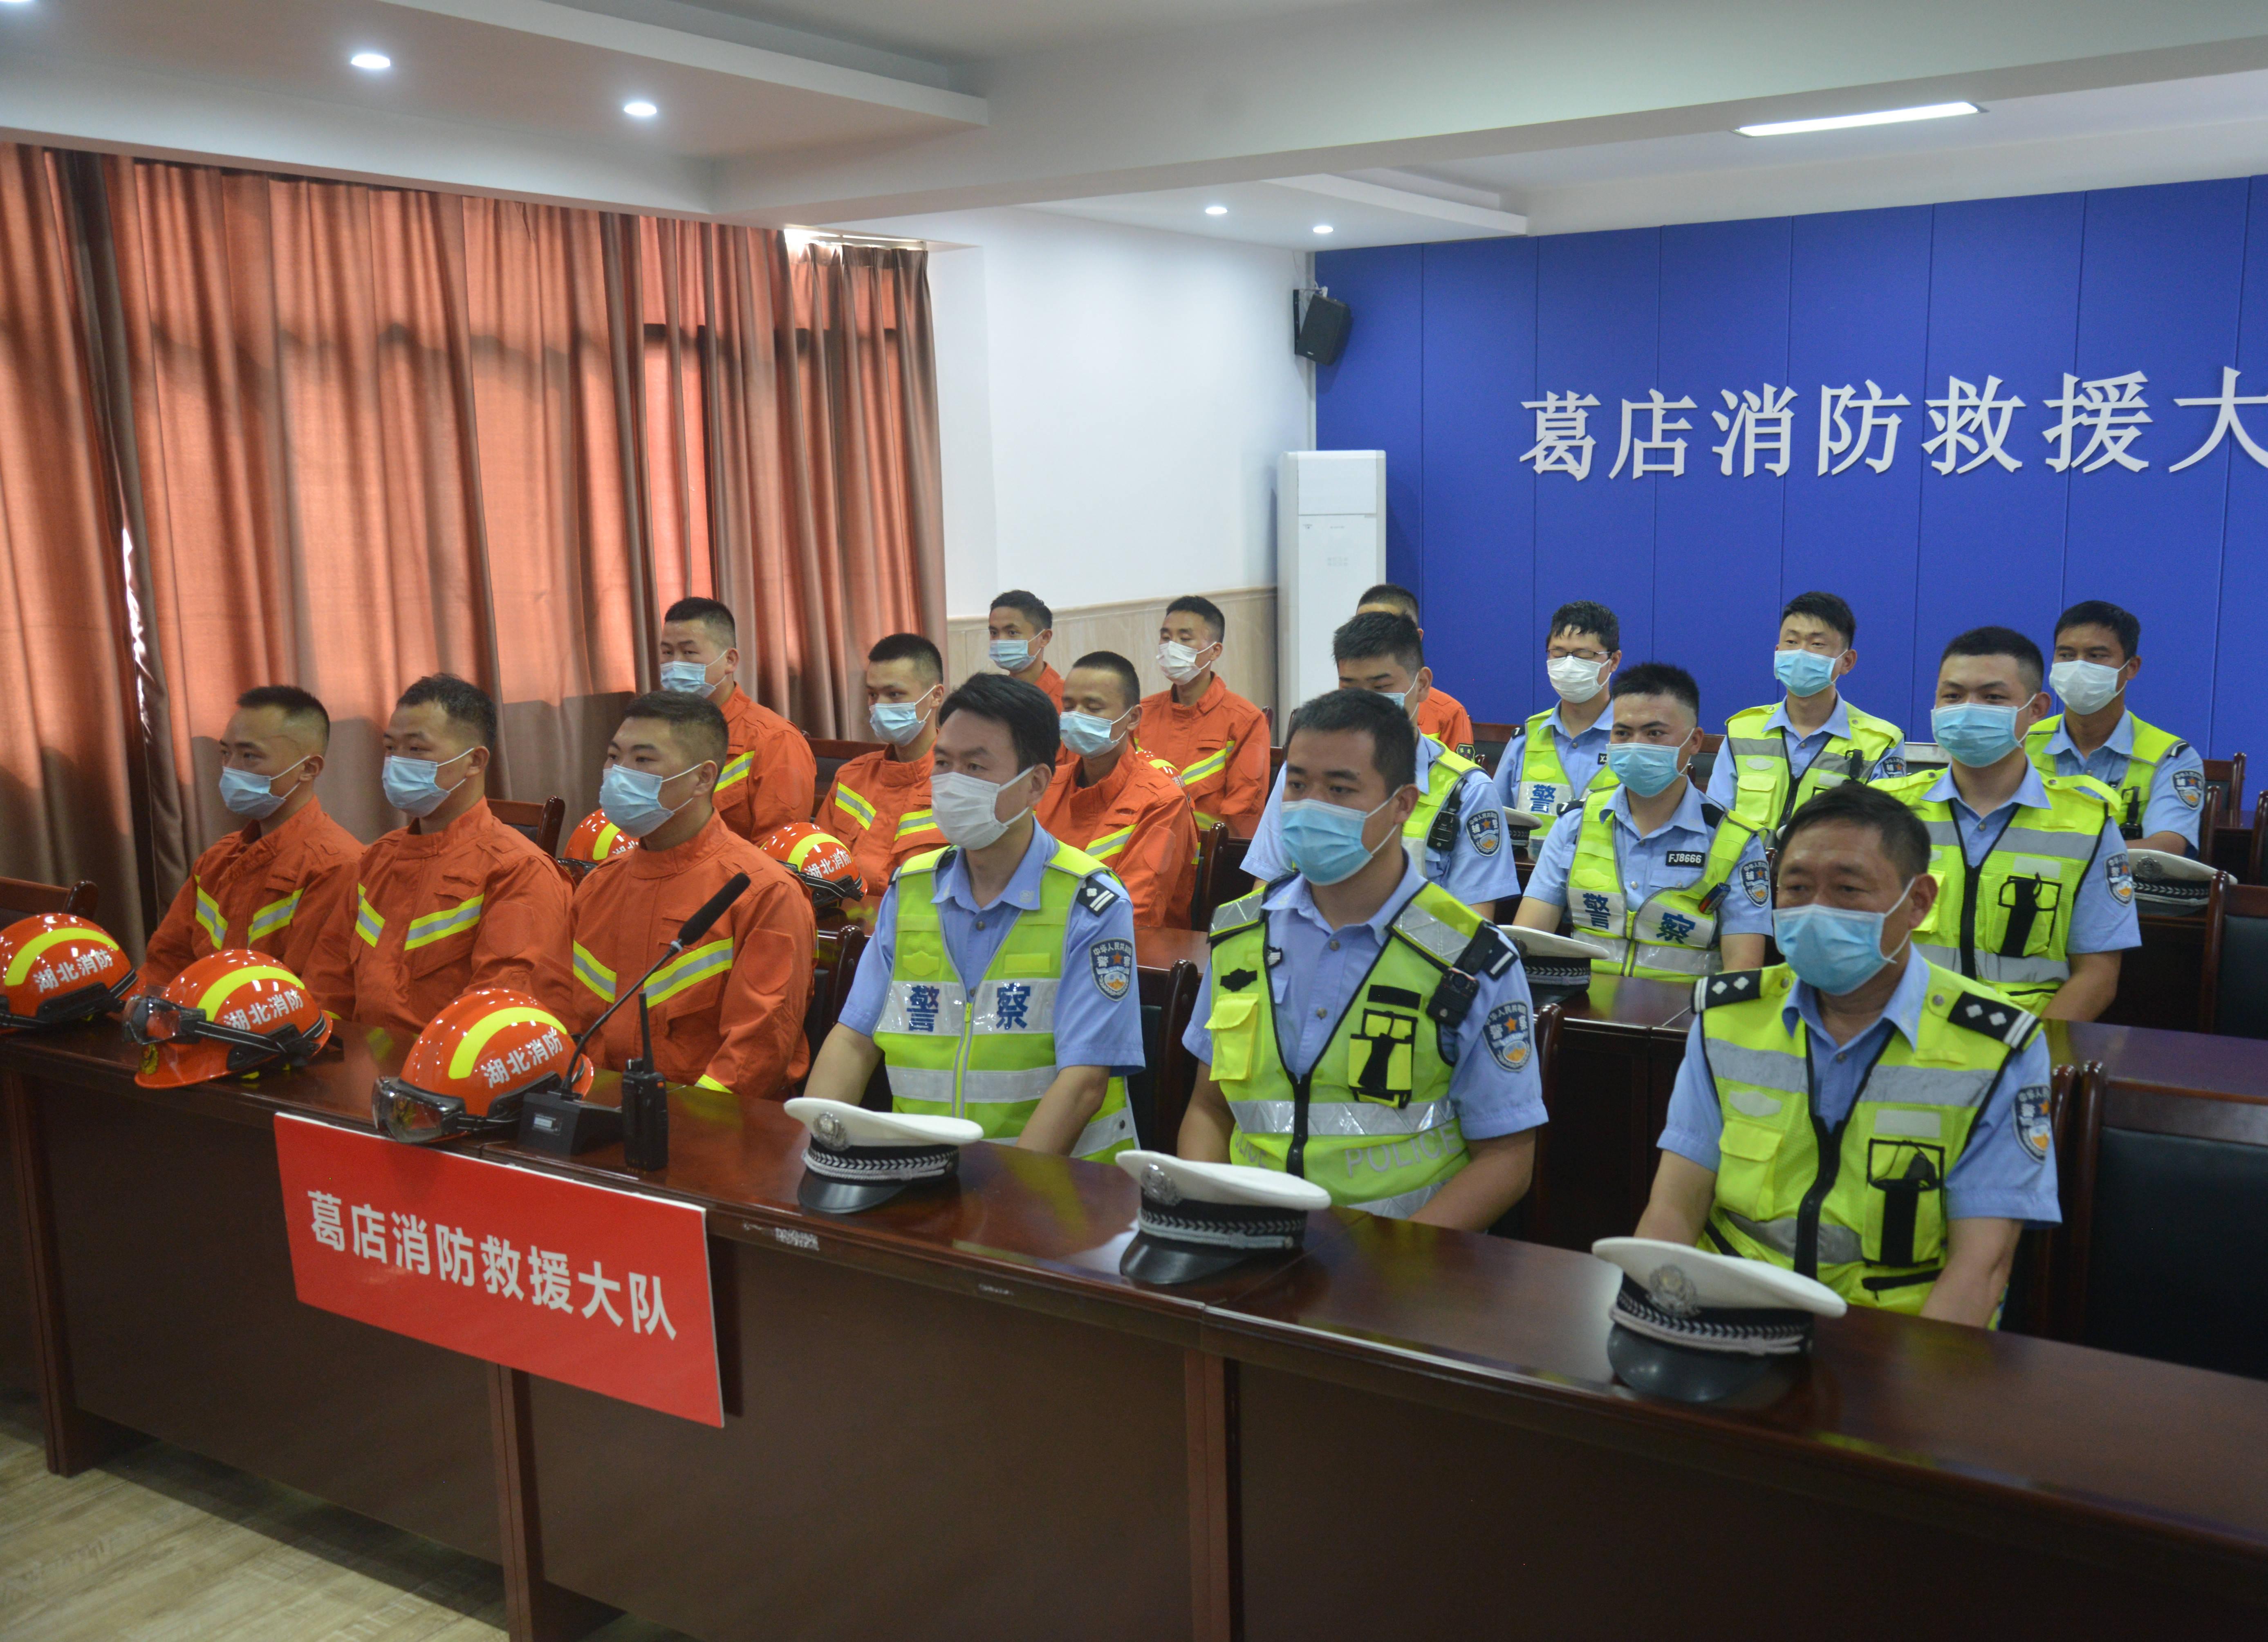 以练为战——鄂州葛店开发区多部门联动开展交通事故应急救援演练